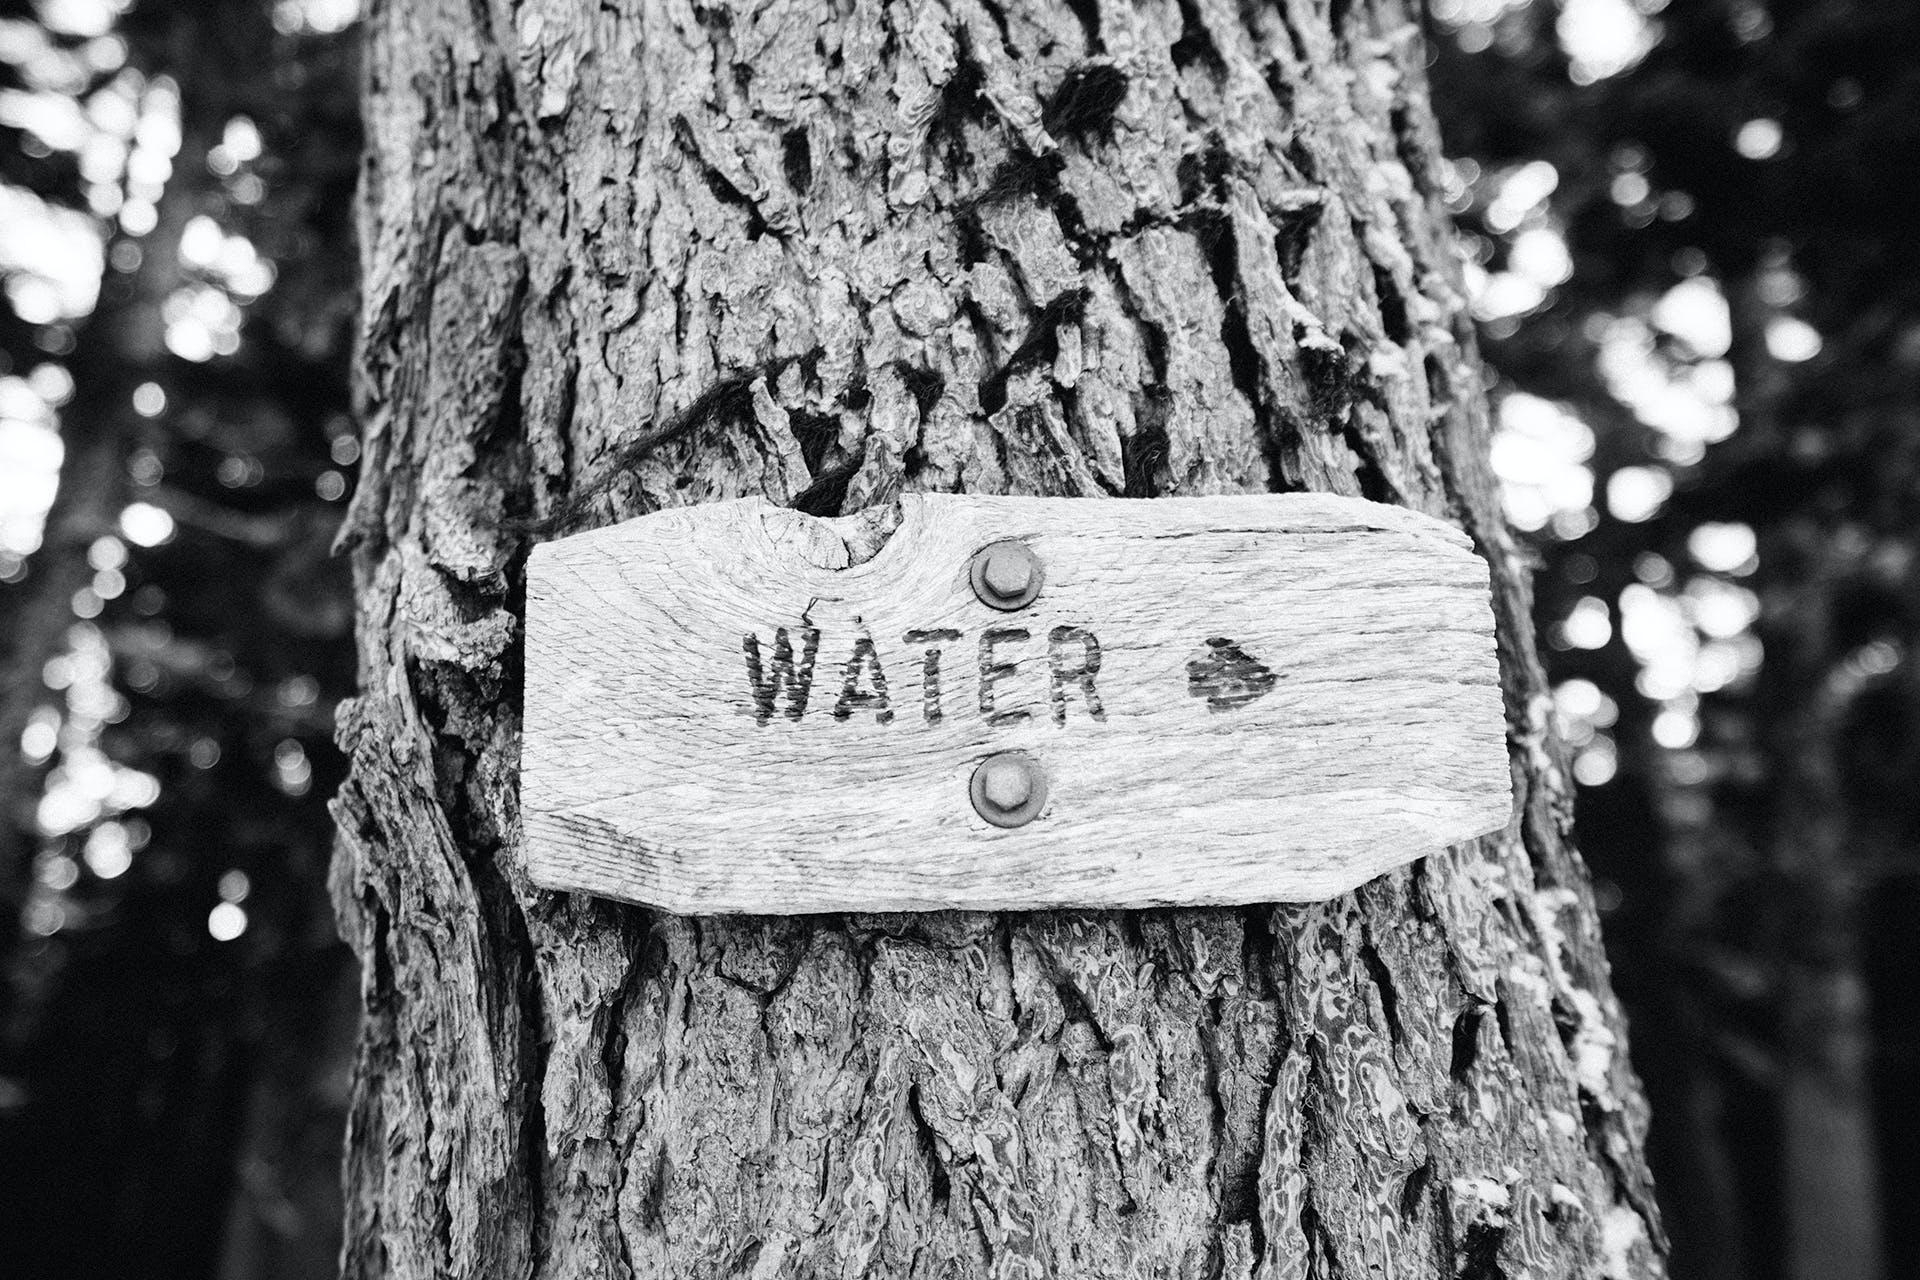 指南, 方向, 標誌, 樹幹 的 免费素材照片